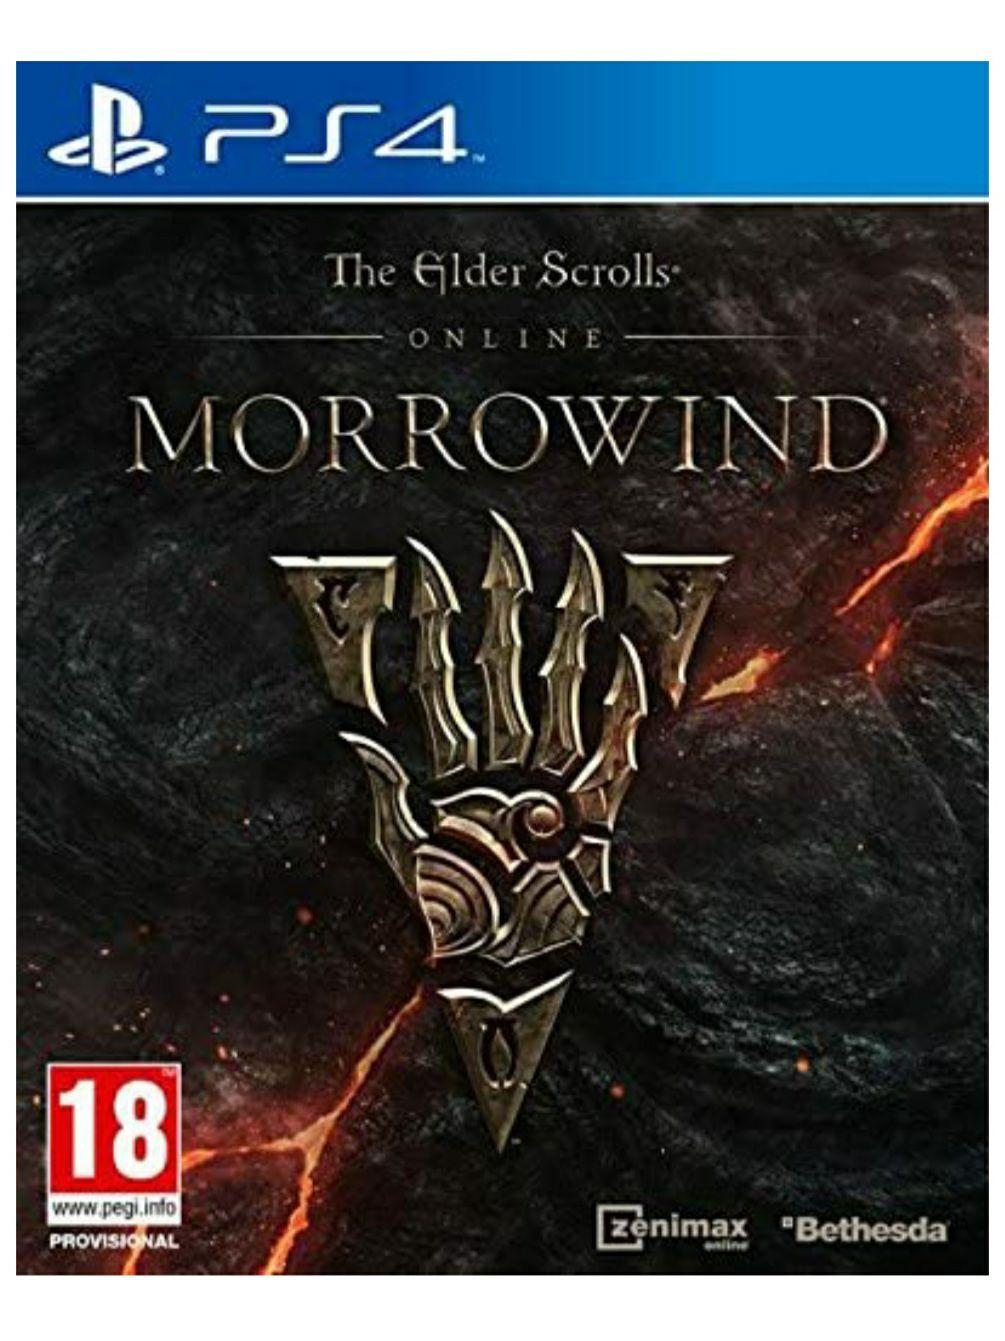 The Elder Scrolls Morrowind (PS4)